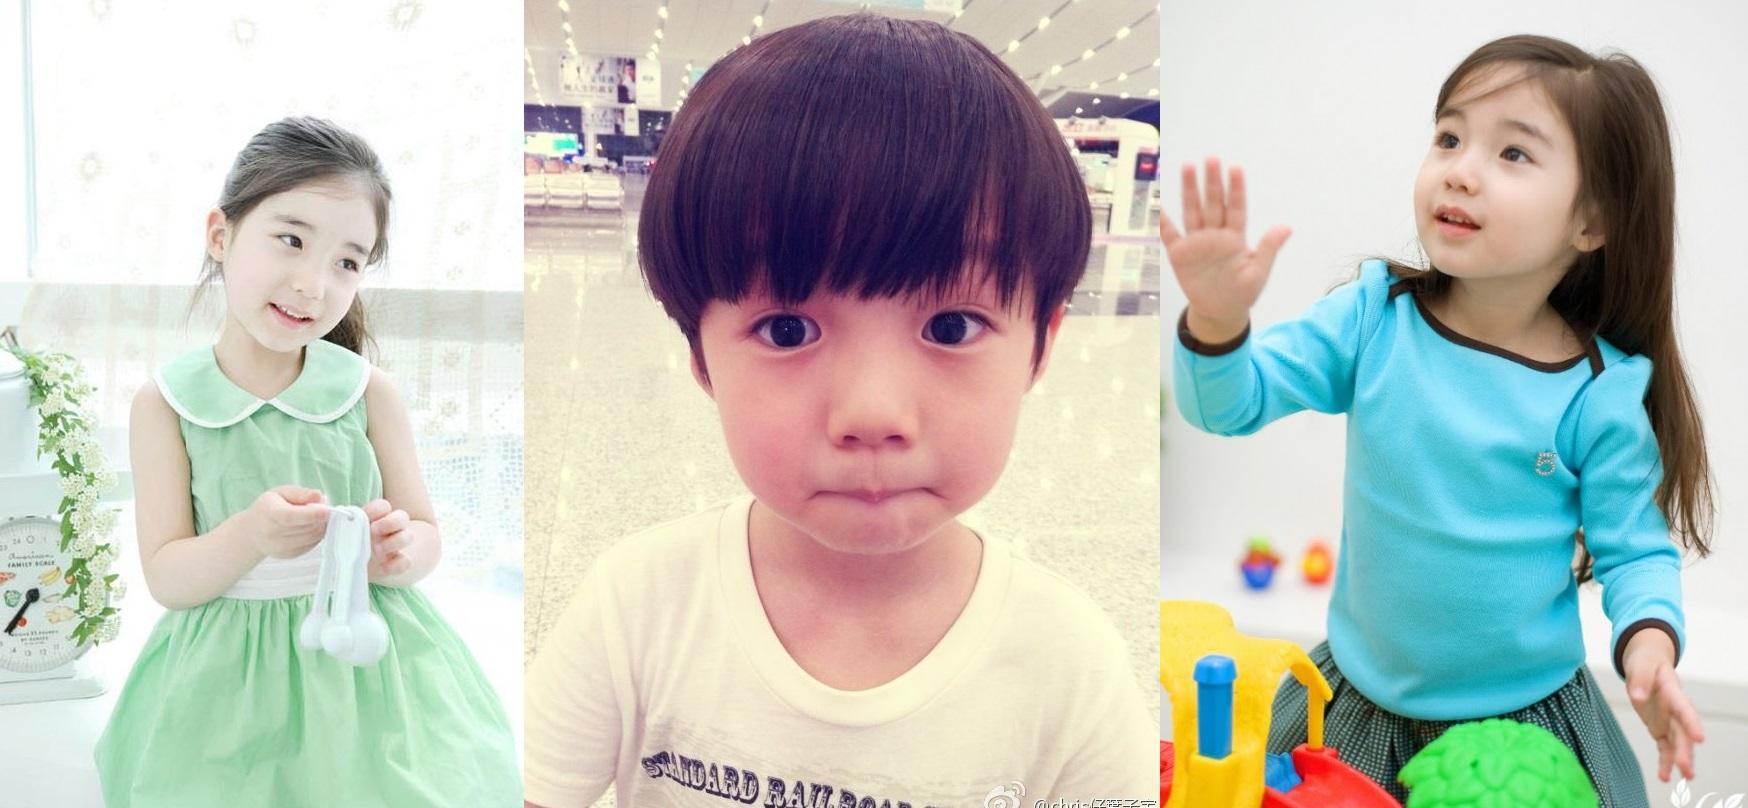 k-pop baby idols